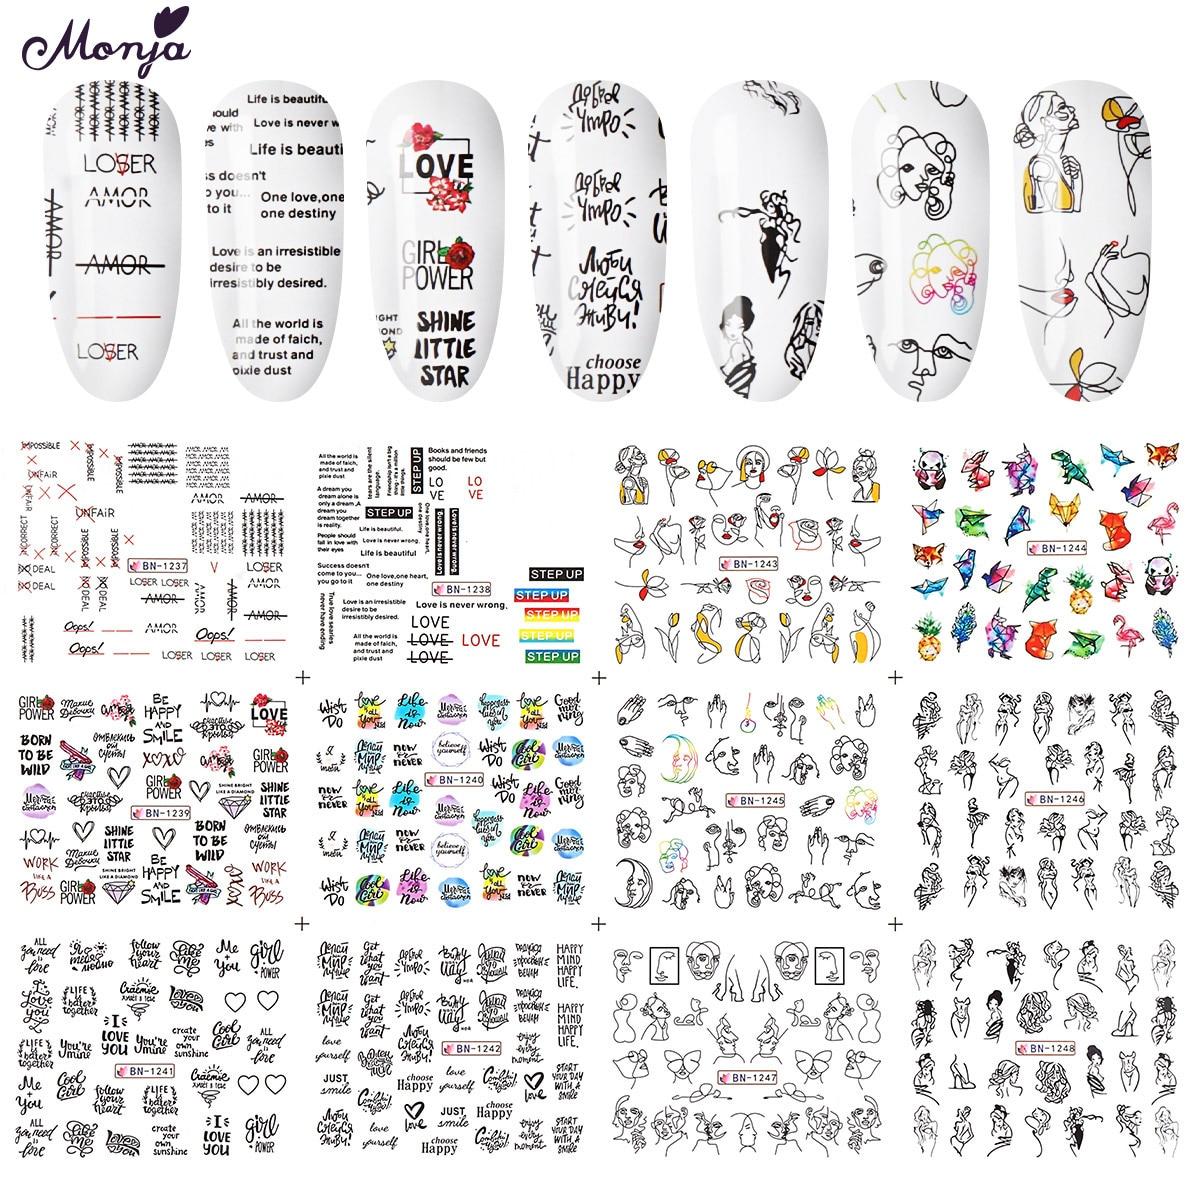 Monja 12 шт., Переводные картинки из фольги для ногтевого дизайна, с животным, английская серия, смешанный дизайн, сделай сам, украшения